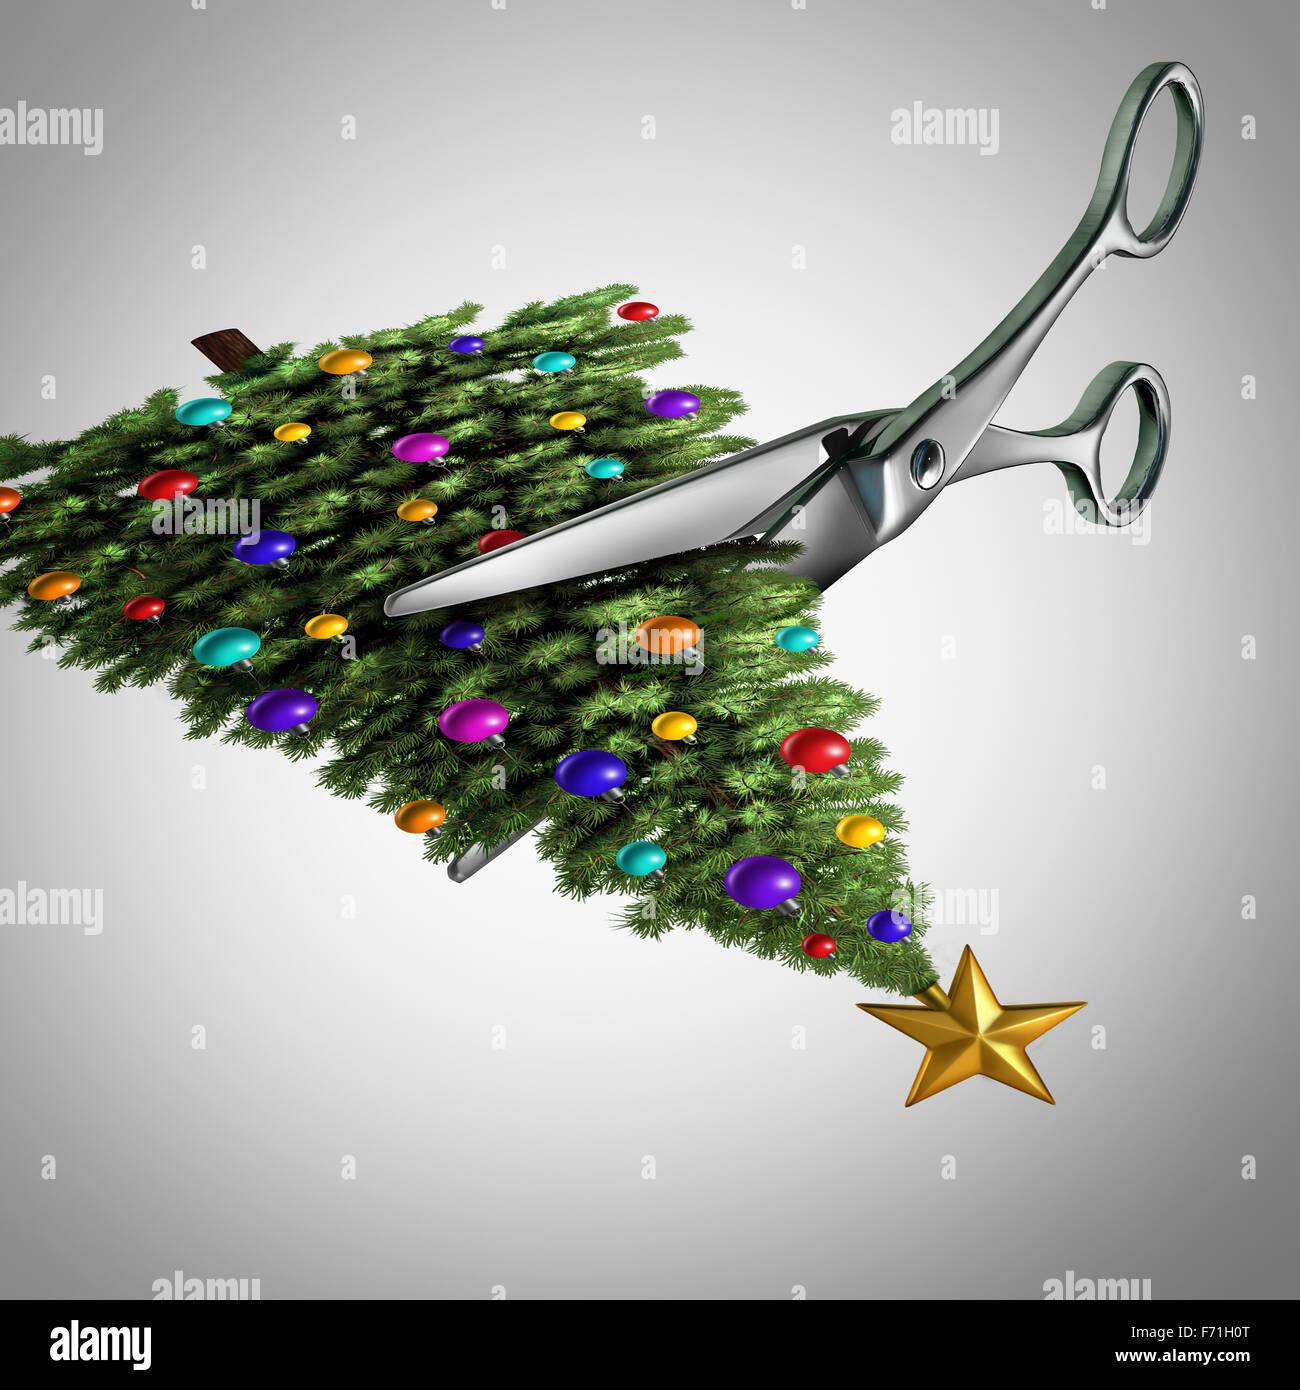 Recortar el concepto de navidad como tijeras cortando una imagen de un árbol de navidad decorado como una metáfora Imagen De Stock